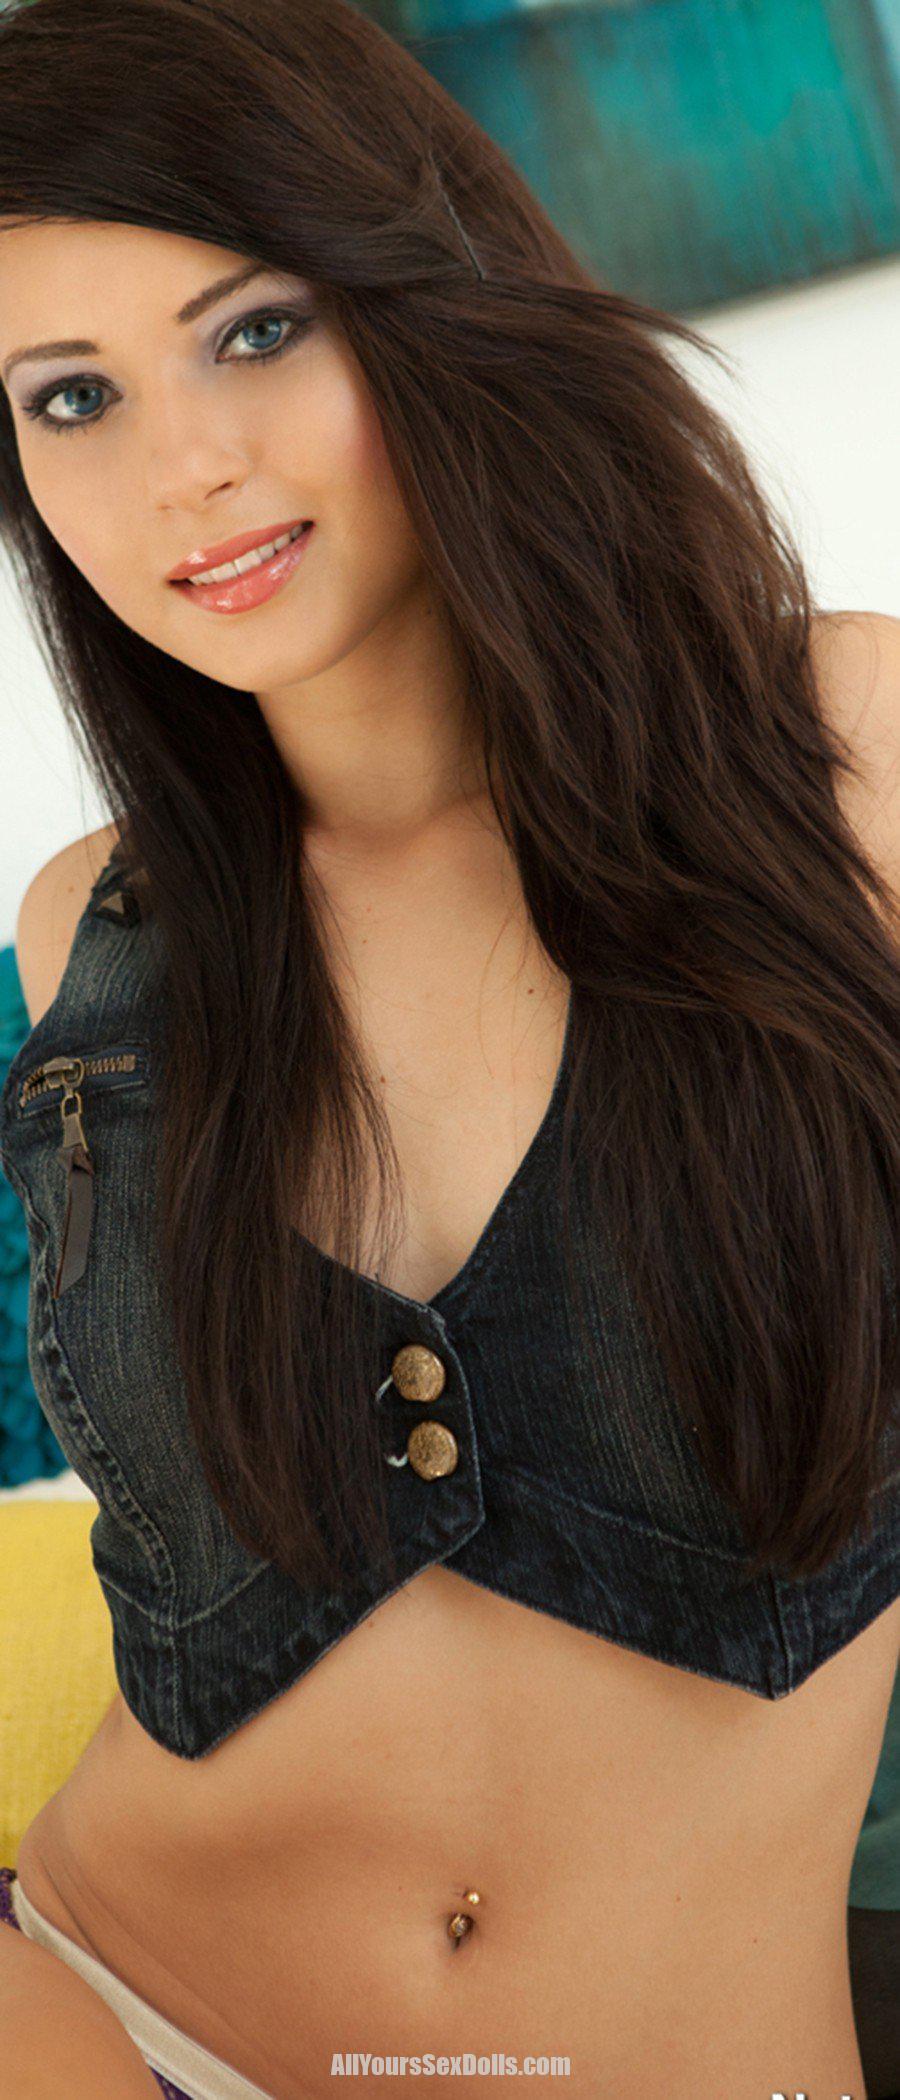 נערת ליווי אדית – חדשה! הכי מרתקת בת 24 בצפון